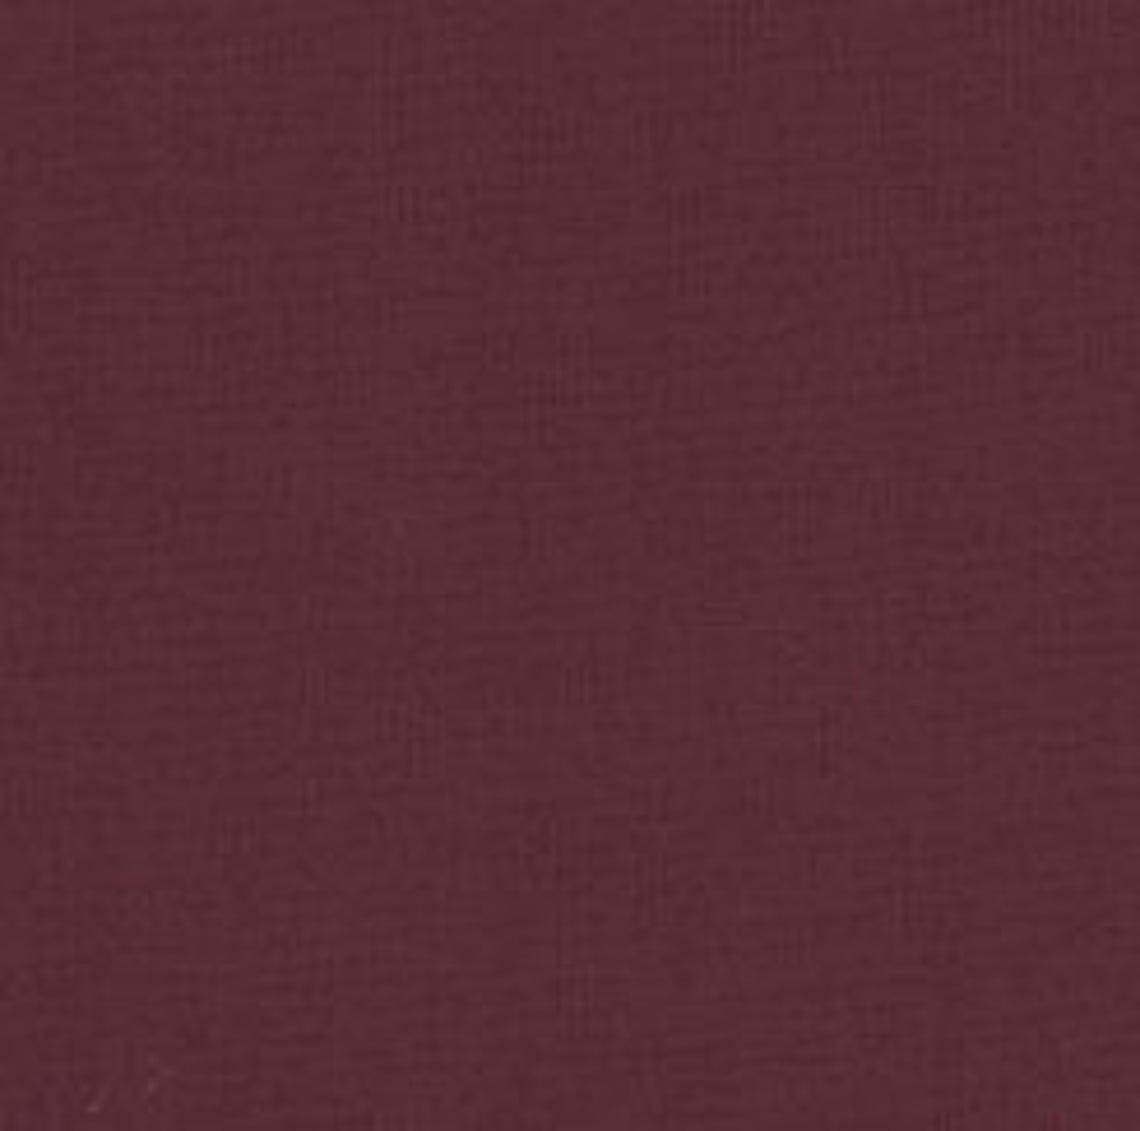 Garnet- Cotton Couture Solids- Michael Miller